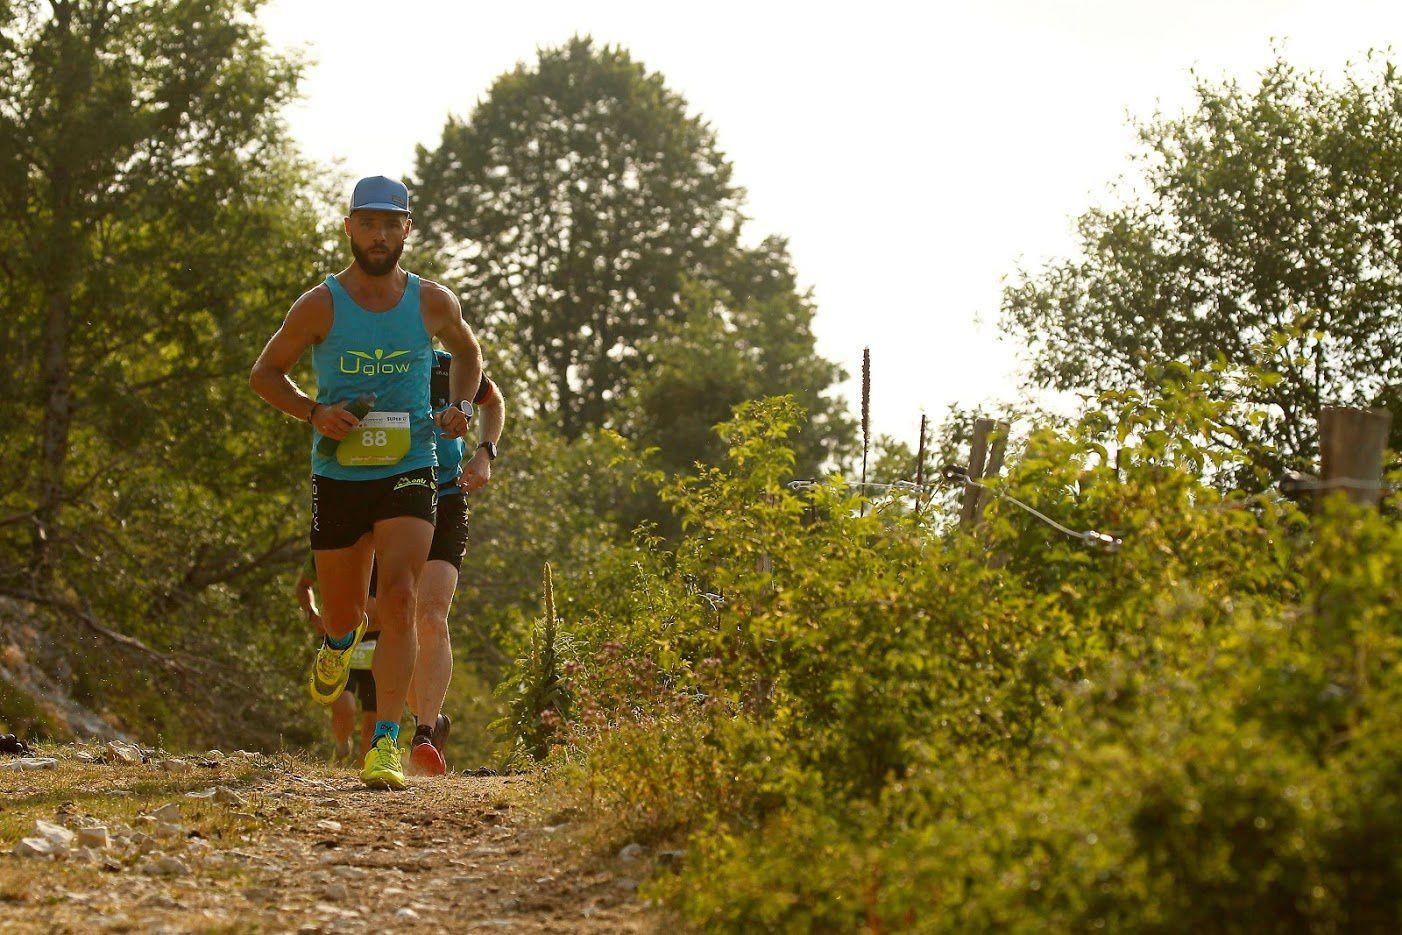 Valfoncine Trail